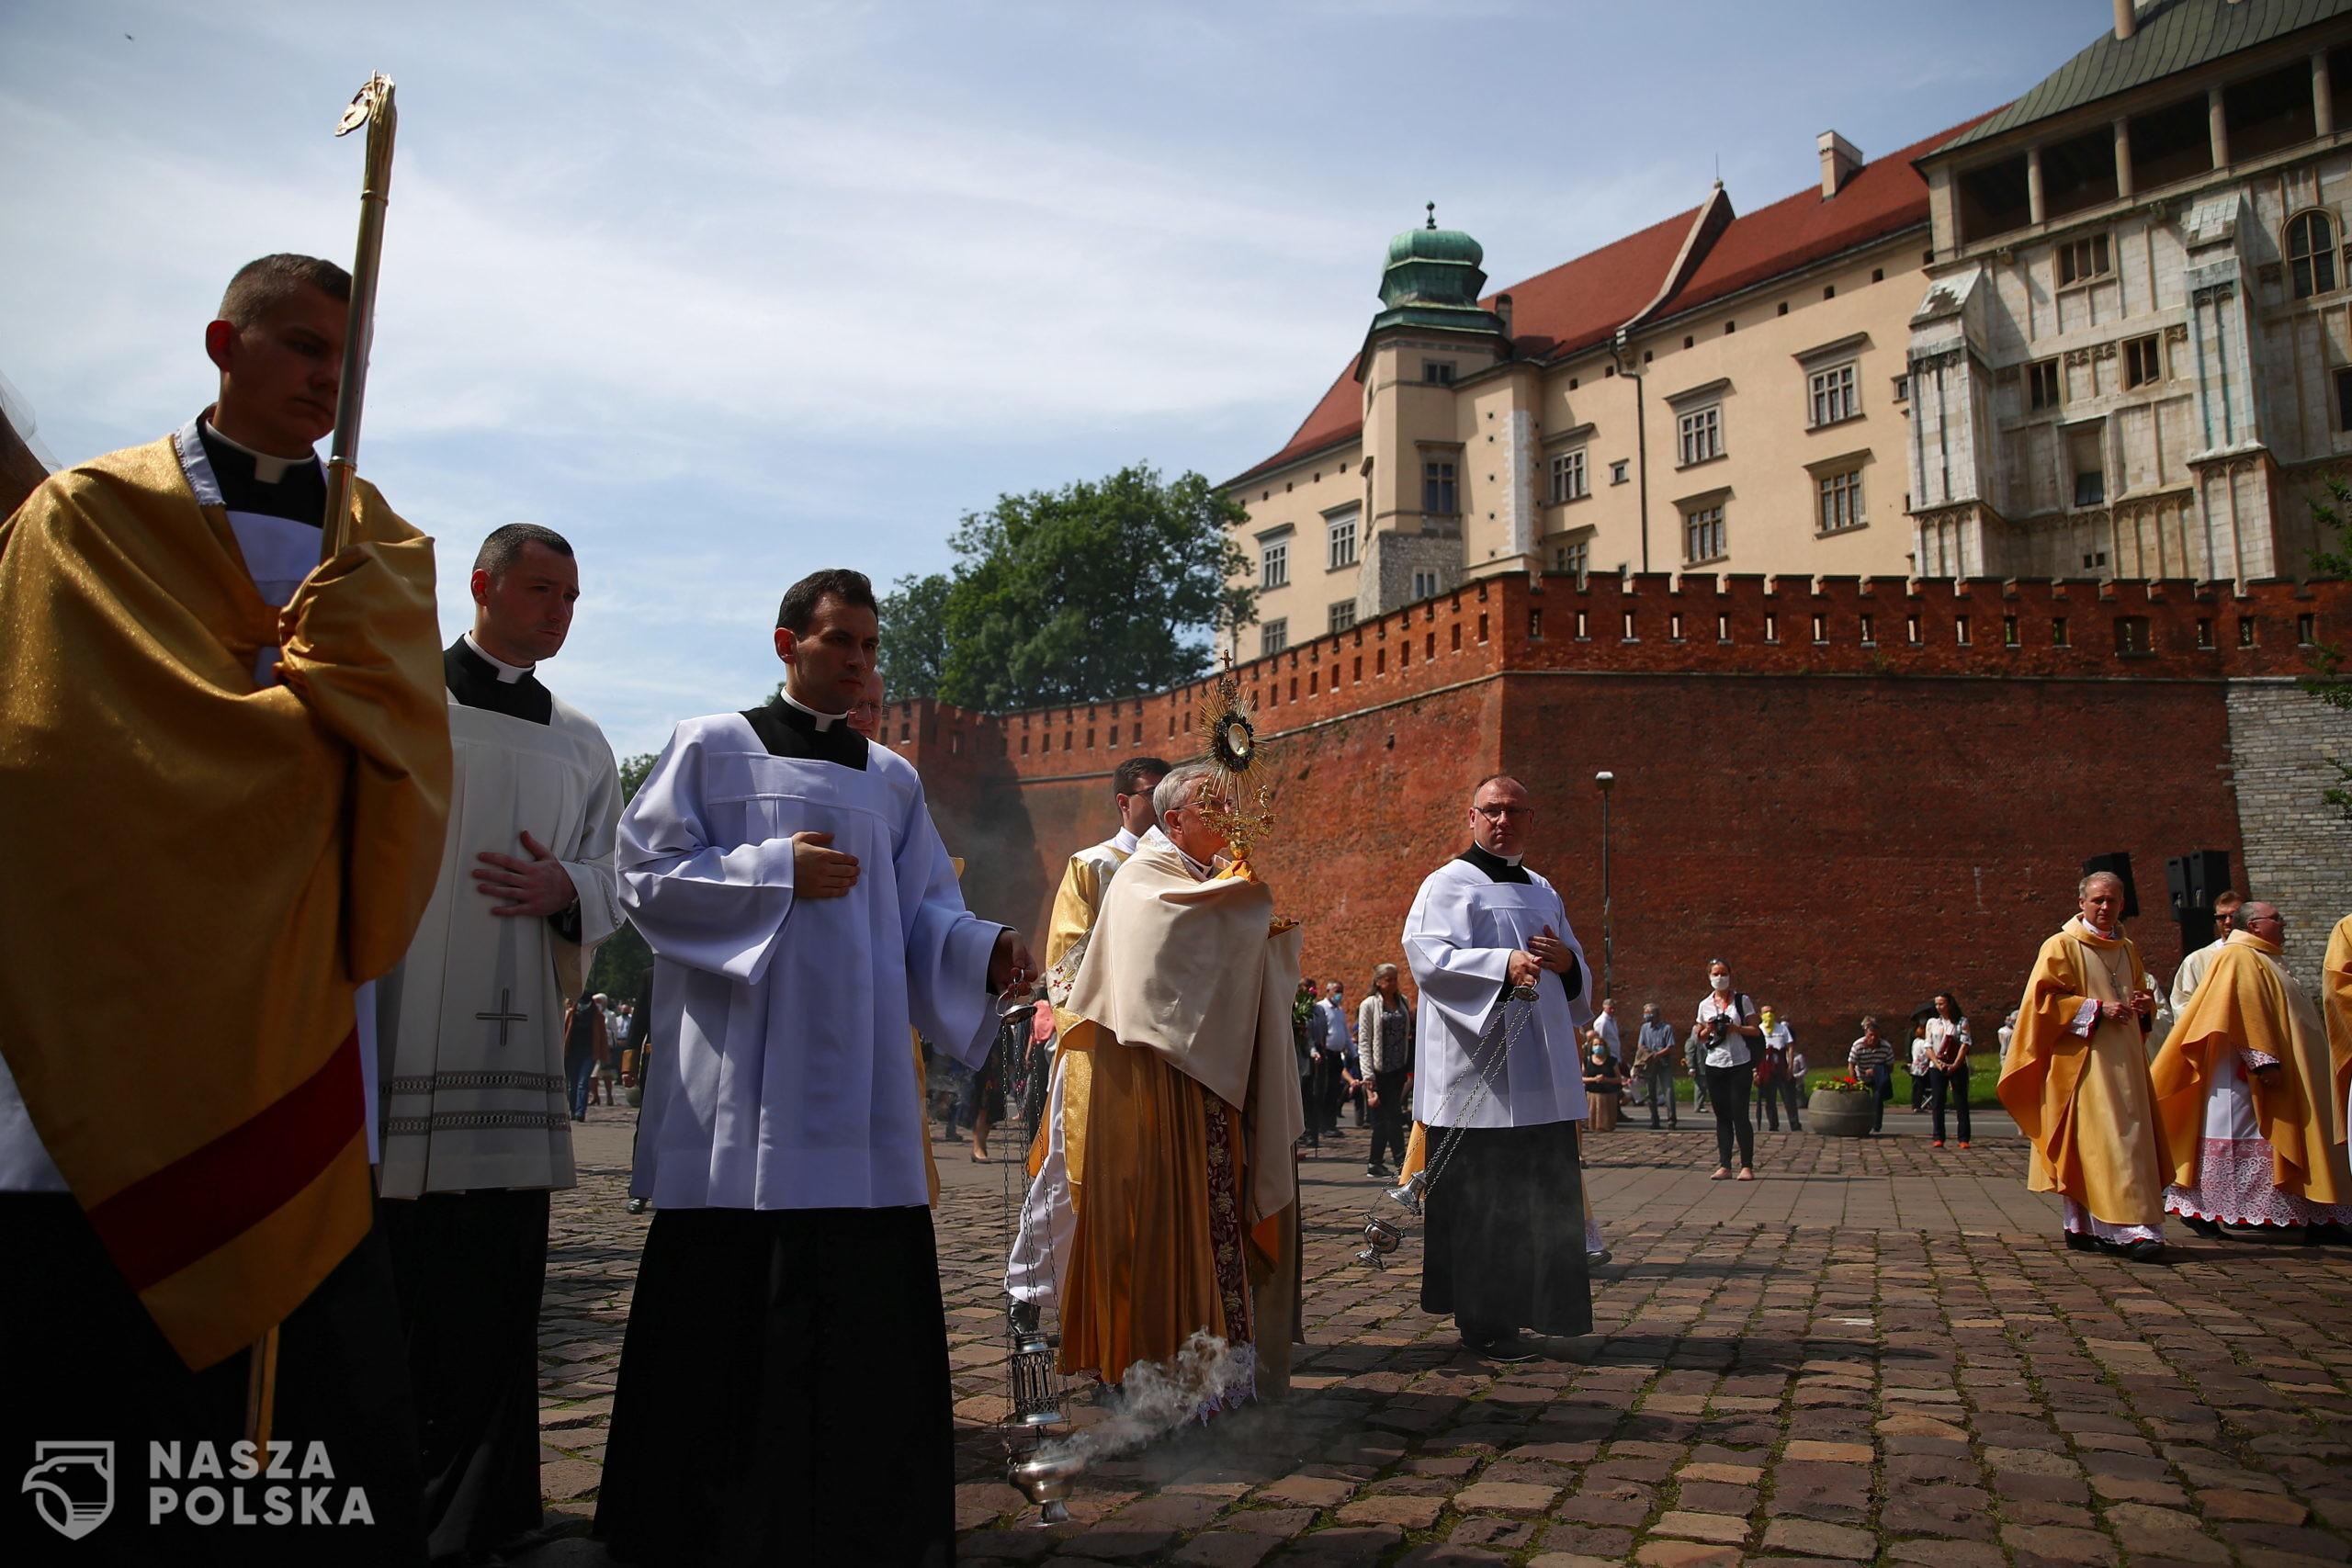 Kraków, 11.06.2020. Arcybiskup Marek Jêdraszewski (C) podczas procesji w uroczystoœæ Bo¿ego Cia³a w Krakowie, 11 bm. Procesja rozpoczê³a siê msz¹ œwiêt¹ sprawowan¹ na dziedziñcu przed katedr¹ wawelsk¹, po czym Drog¹ królewsk¹ przesz³a na Rynek G³ówny. (kf) PAP/£ukasz G¹gulski